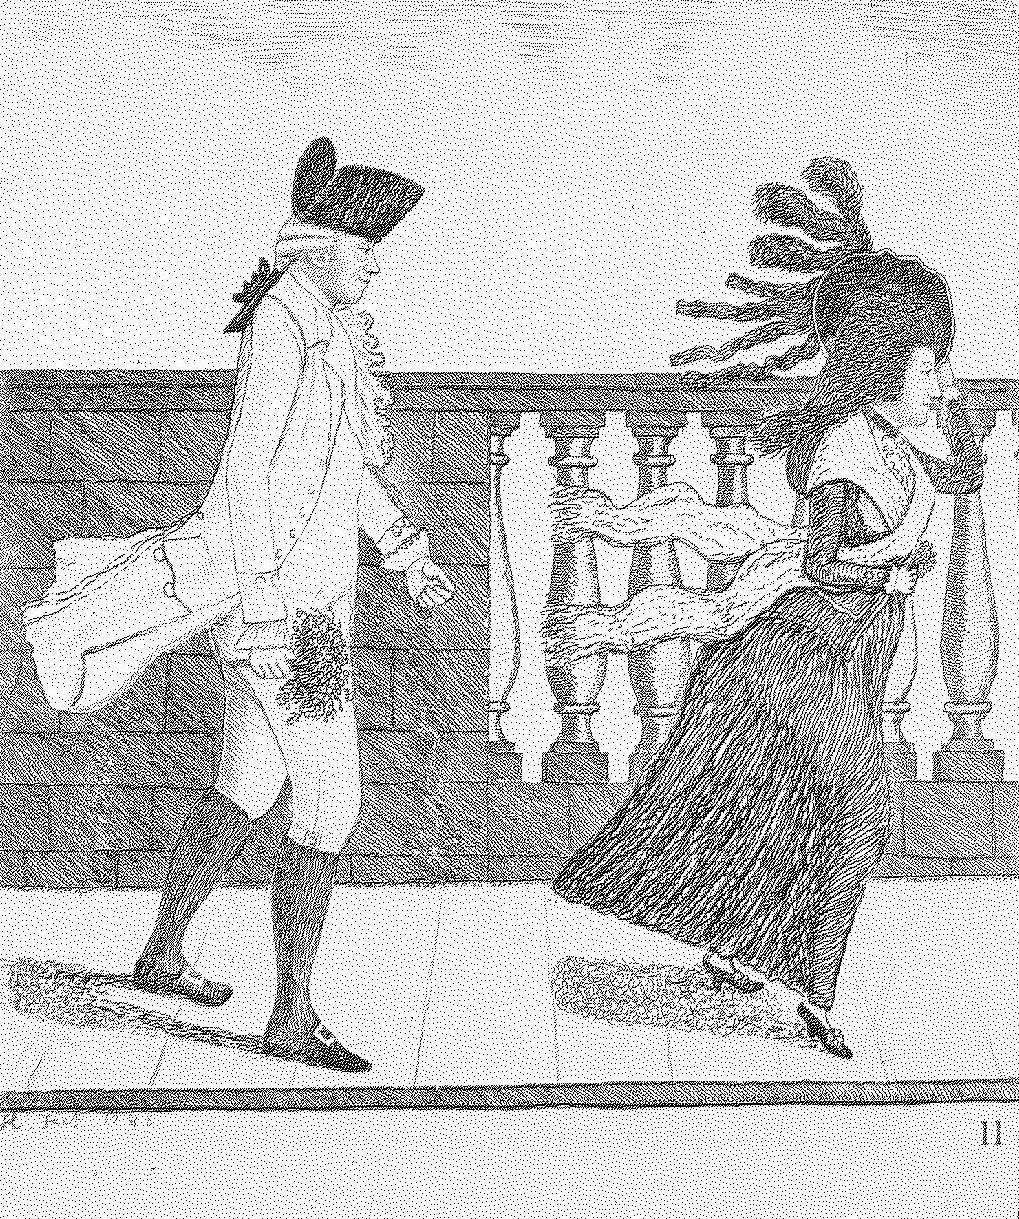 Egy korabeli karikatúra Dr. James Grahamről (forrás: Wikipedia)